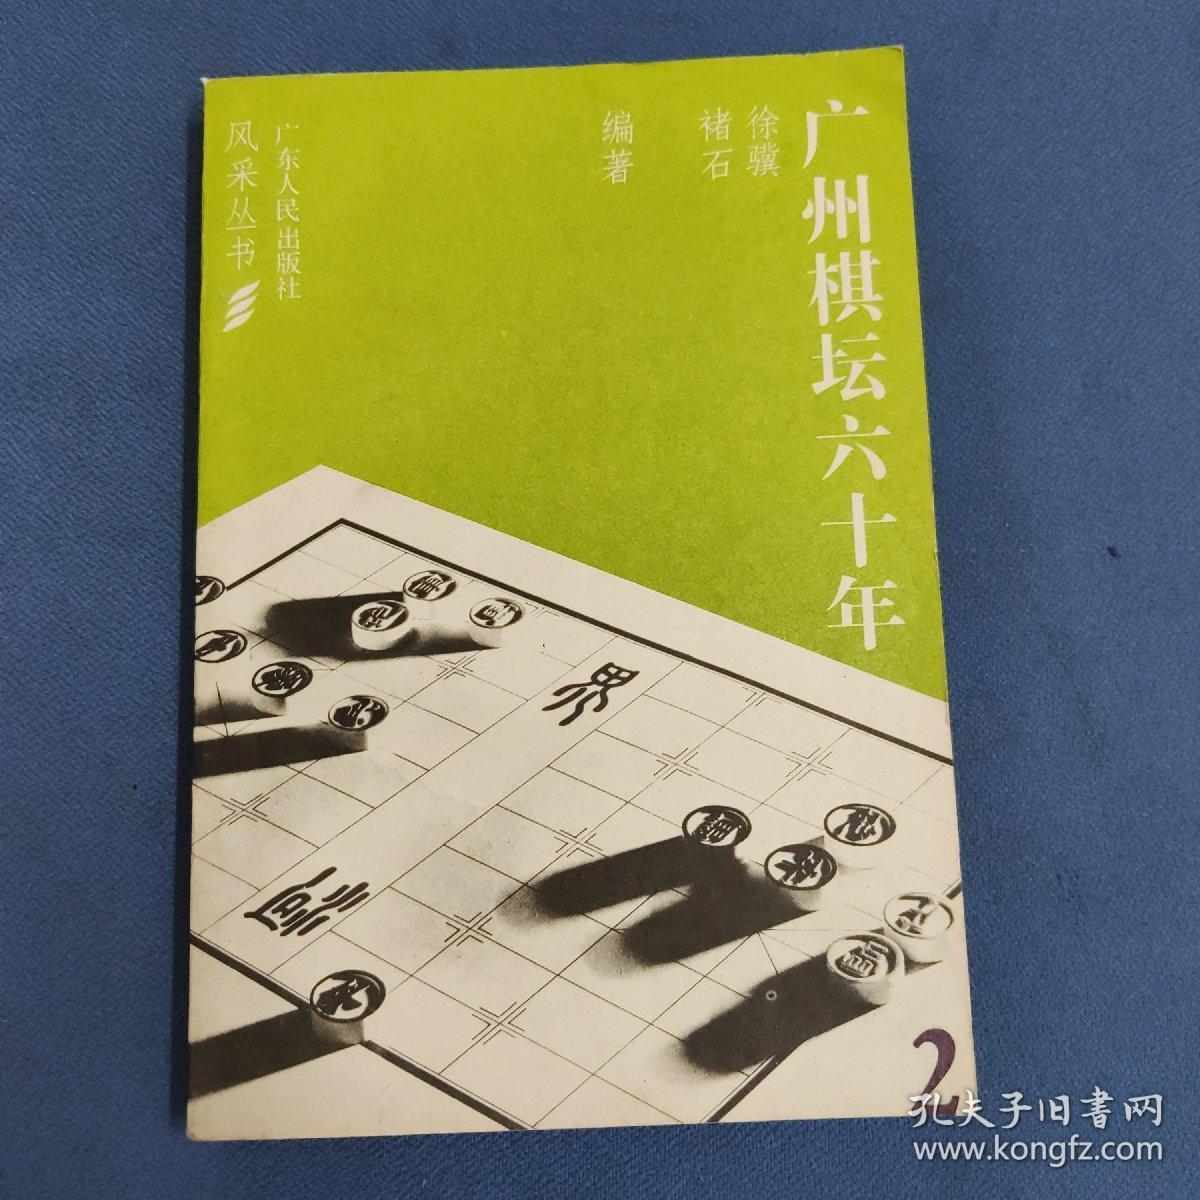 广州棋坛六十年史(2)-86年一版一印